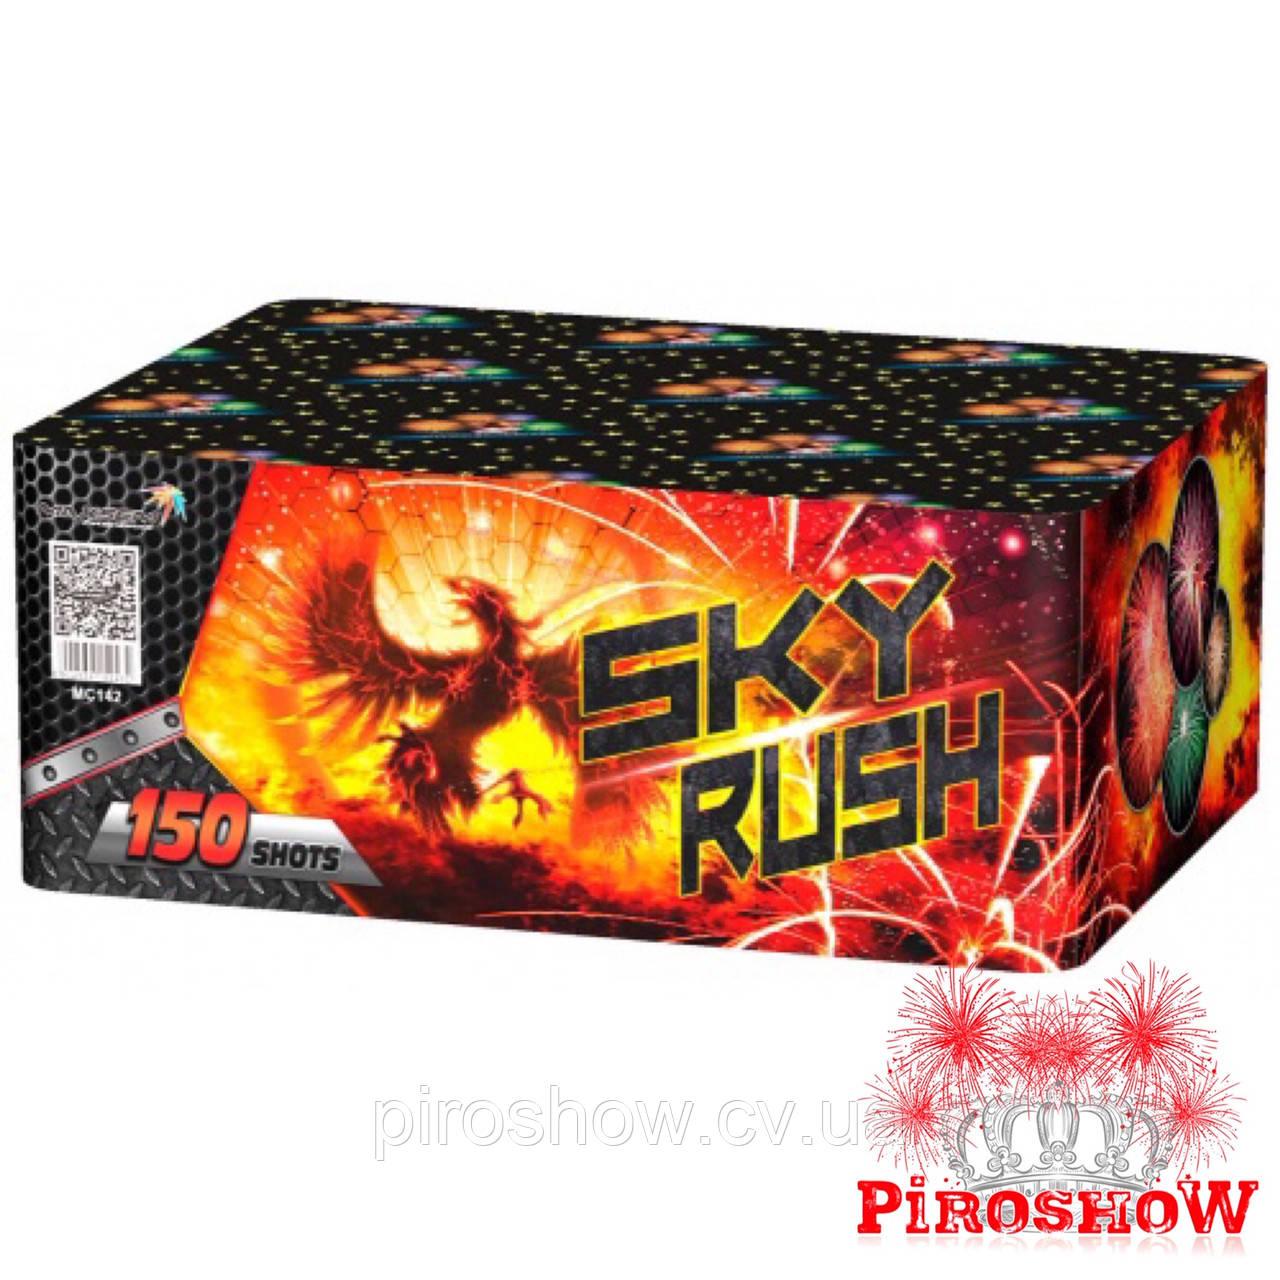 Салют SKY RUSH 150 выстрелов 25 калибр | Фейерверк MC142